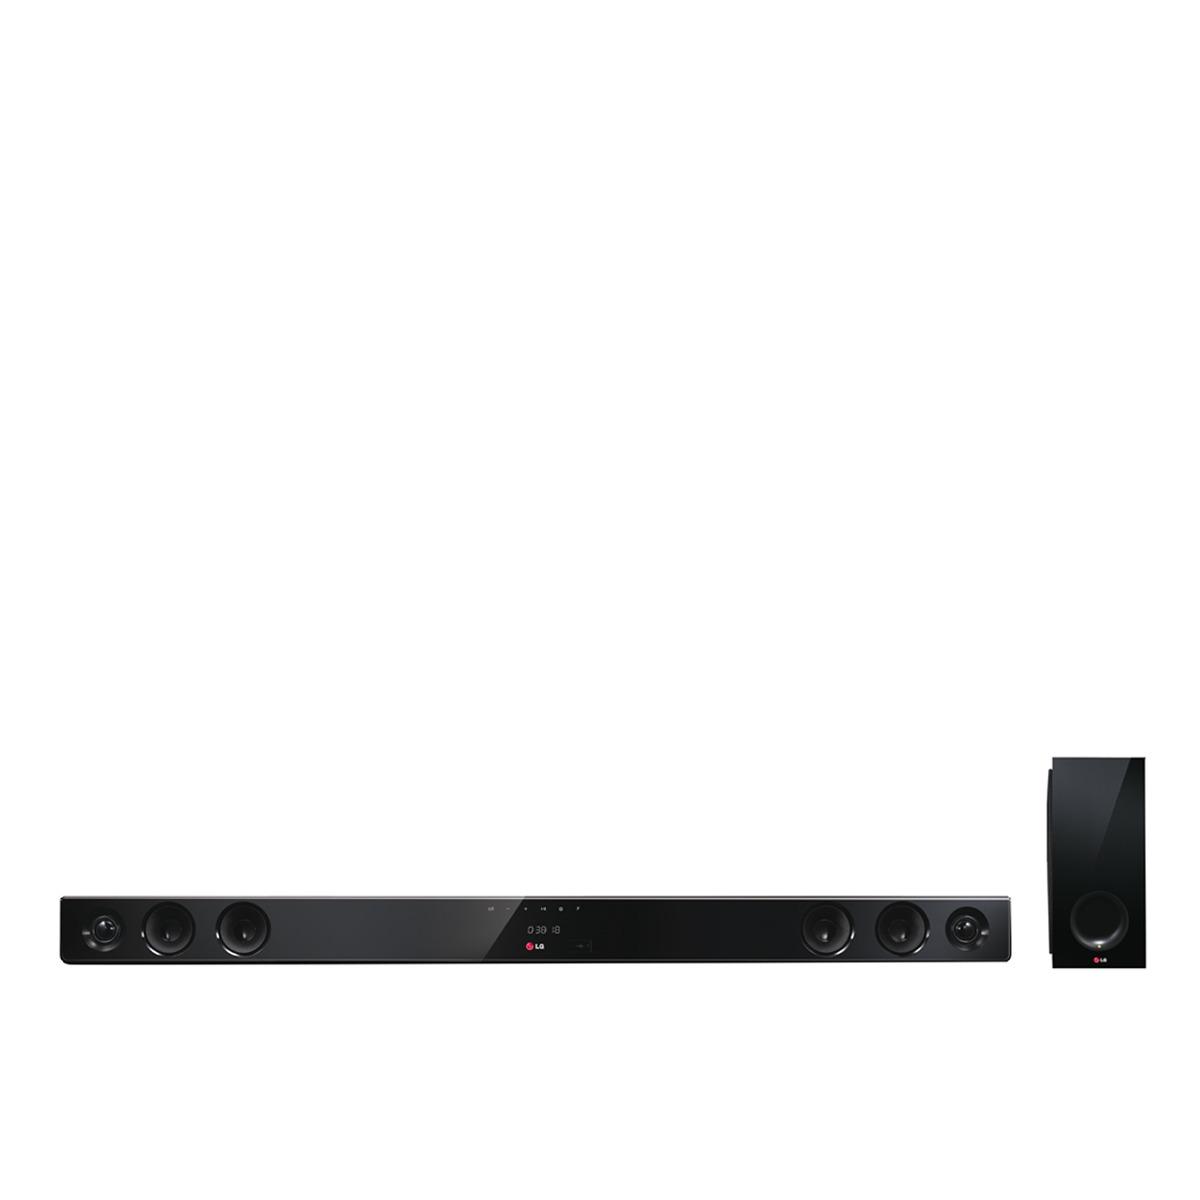 barras de sonido la gu a para comprar justo la que necesitas tecnolog a de t a t. Black Bedroom Furniture Sets. Home Design Ideas